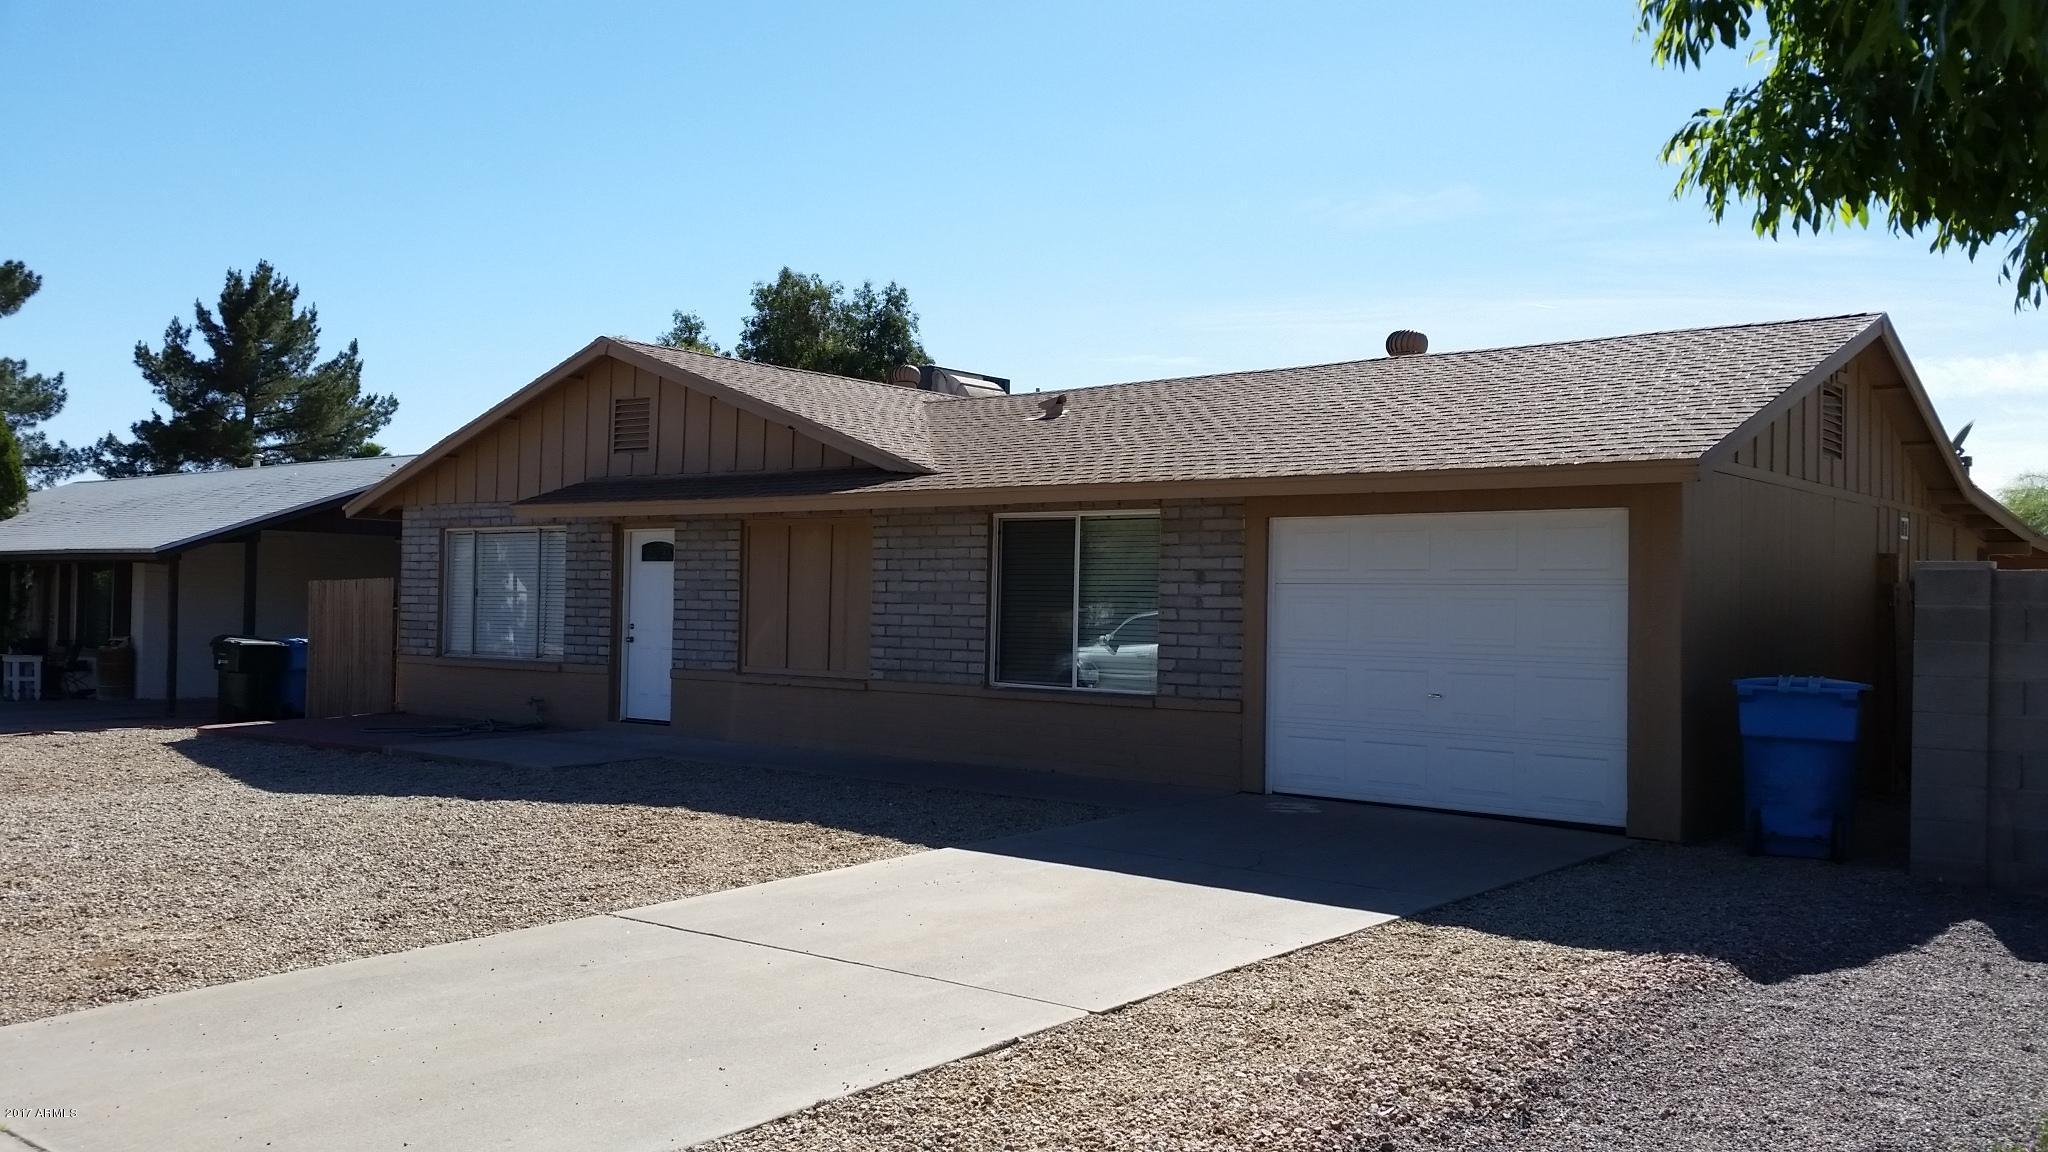 MLS 5646958 14632 N 38TH Street, Phoenix, AZ 85032 Phoenix AZ Paradise Valley